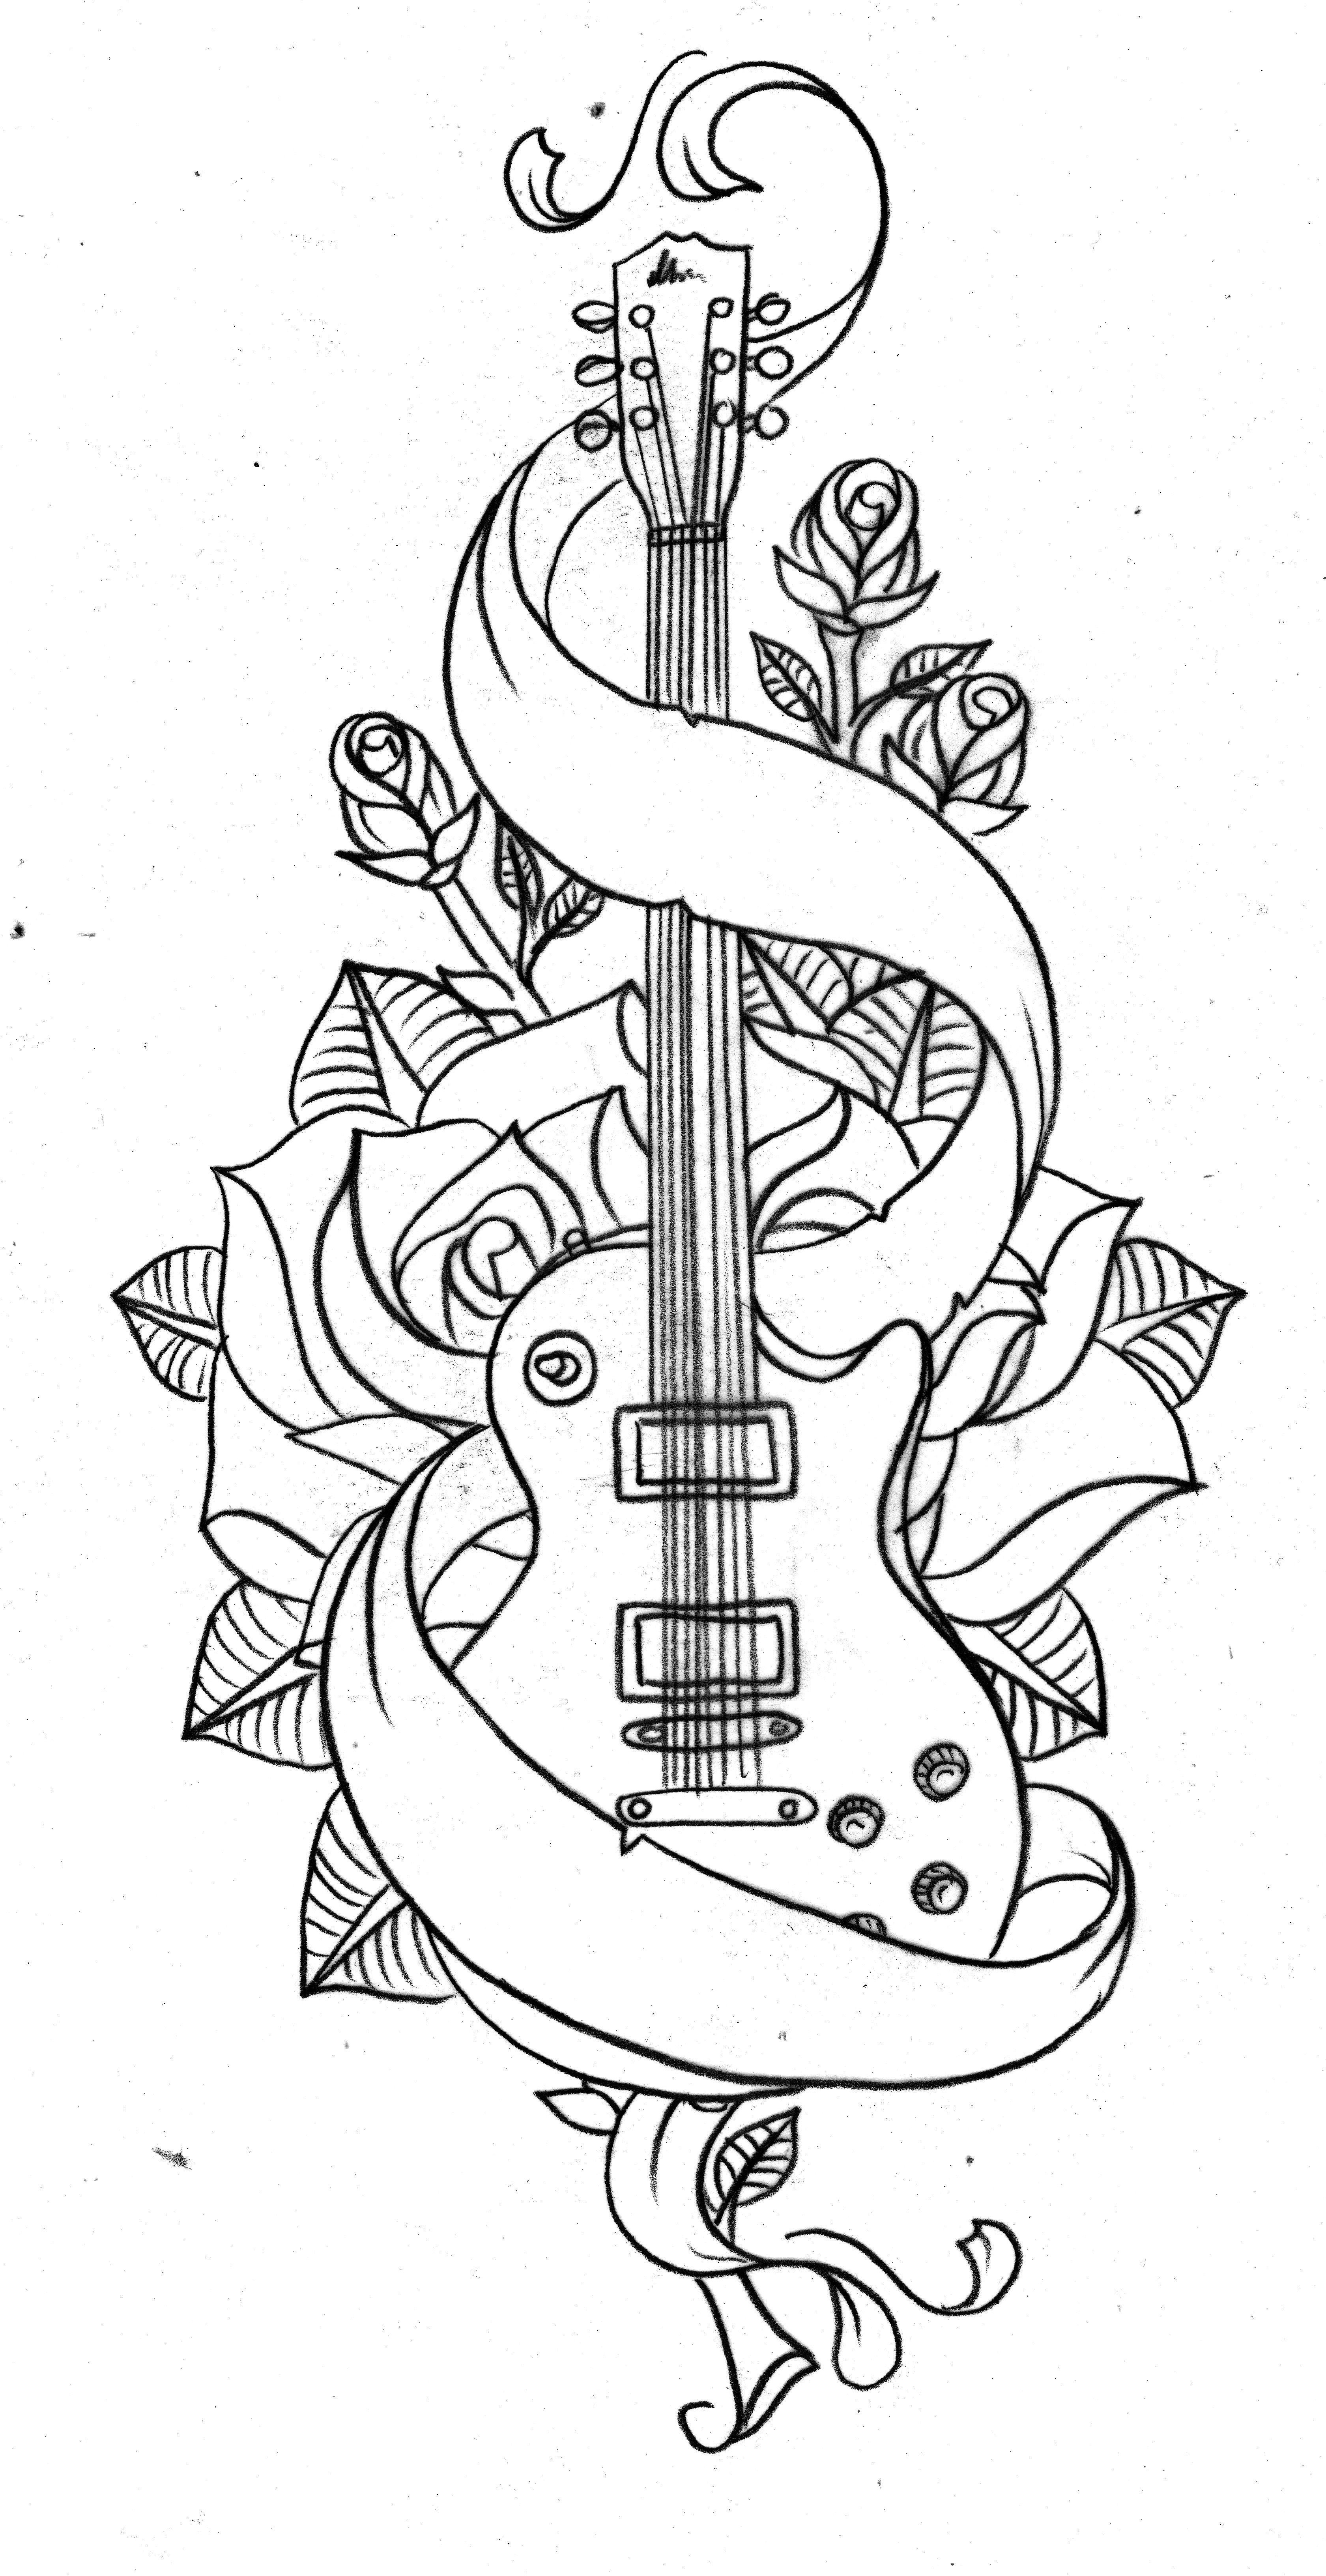 Loveeeeguitarr Desenhos De Tatuagem De Musica Tatuagem